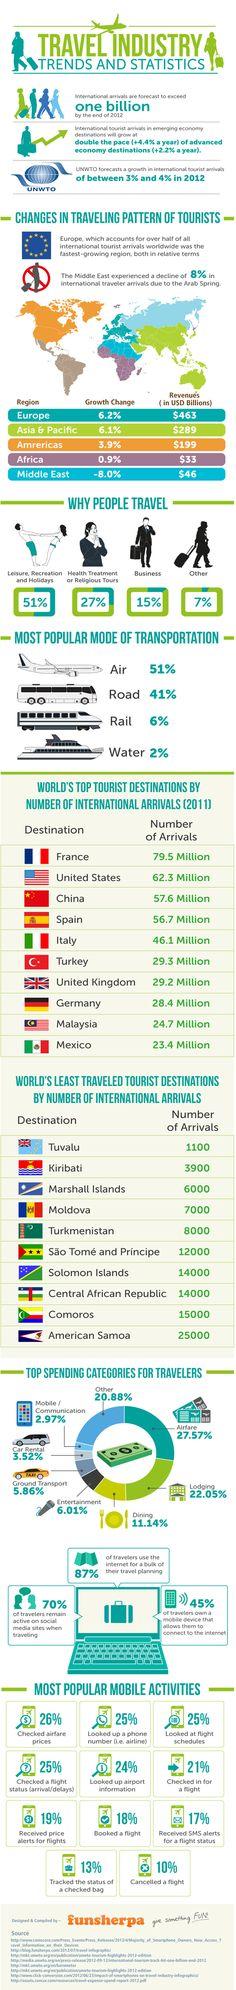 tendencias de viajes